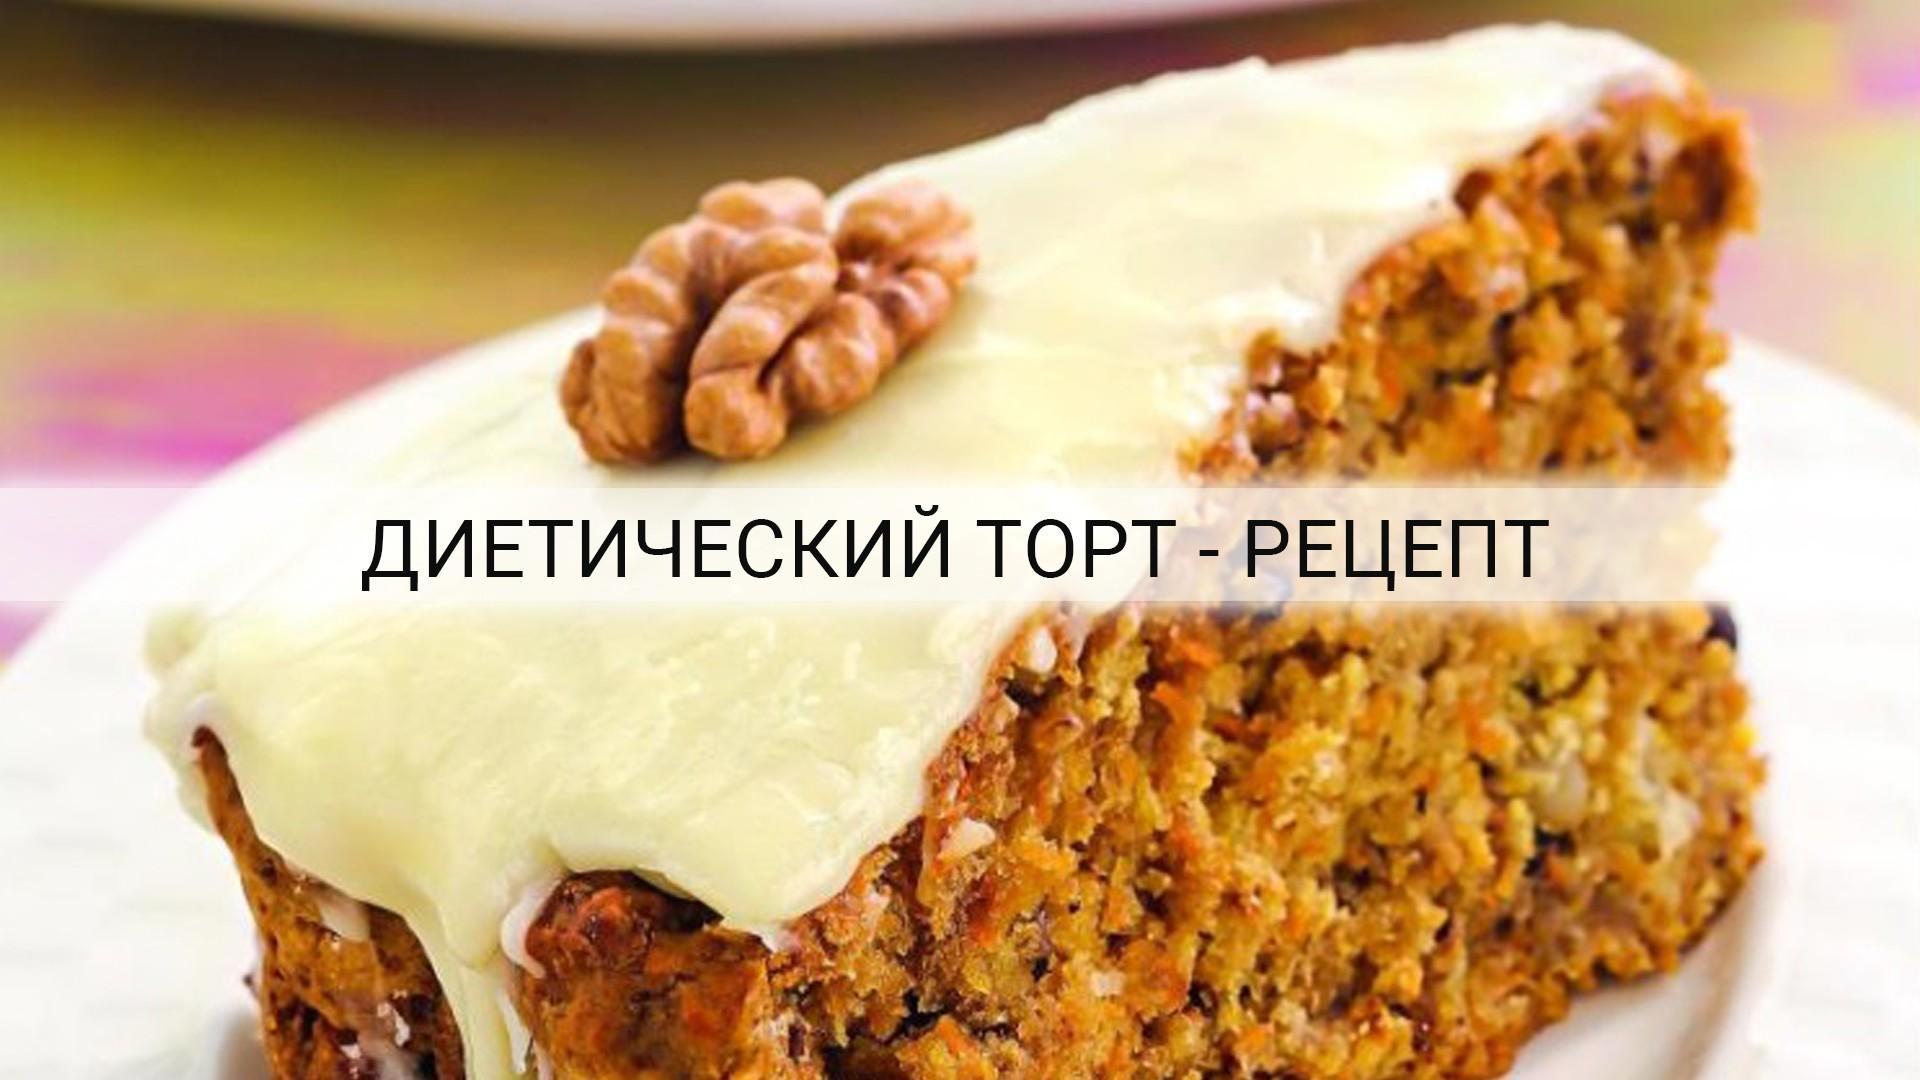 Рецепт диетического торта